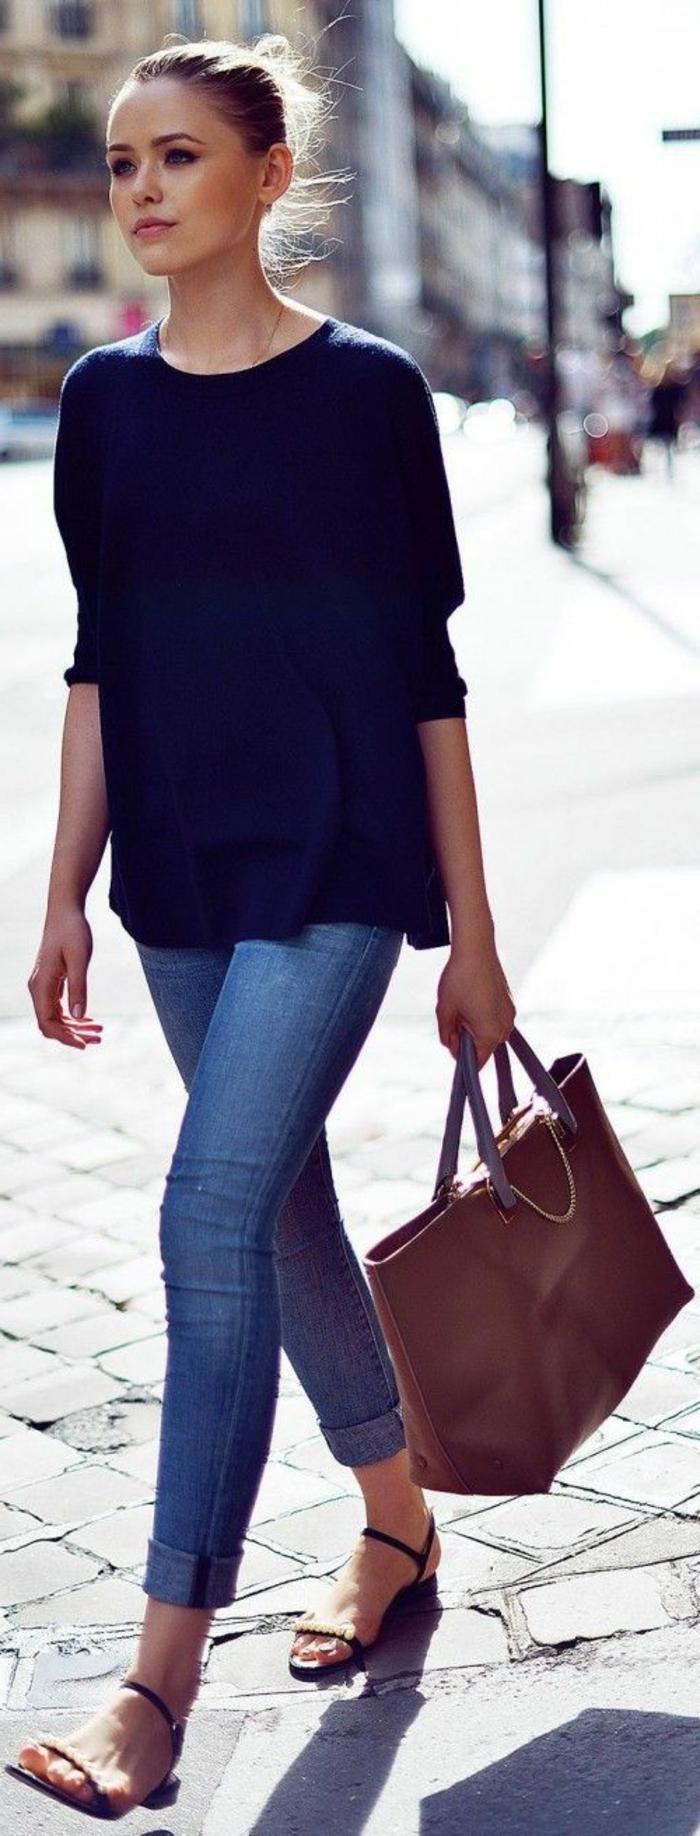 alltäglicher-Look-schwarzer-Pullover-Jeans-Sandalen